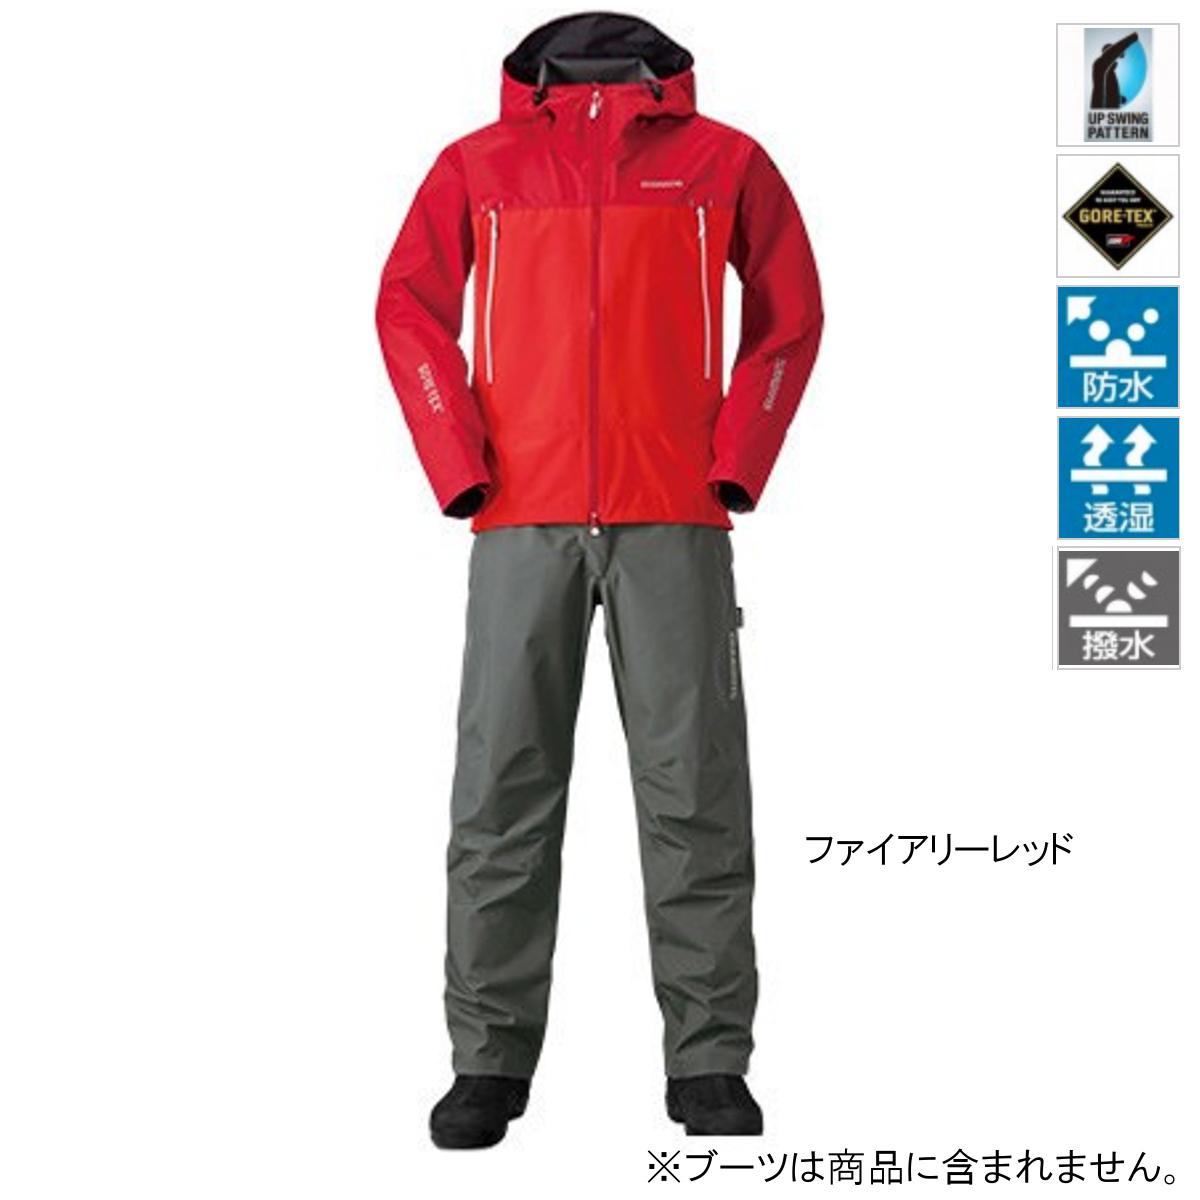 シマノ GORE-TEX ベーシックスーツ RA-017R S ファイアリーレッド(東日本店)